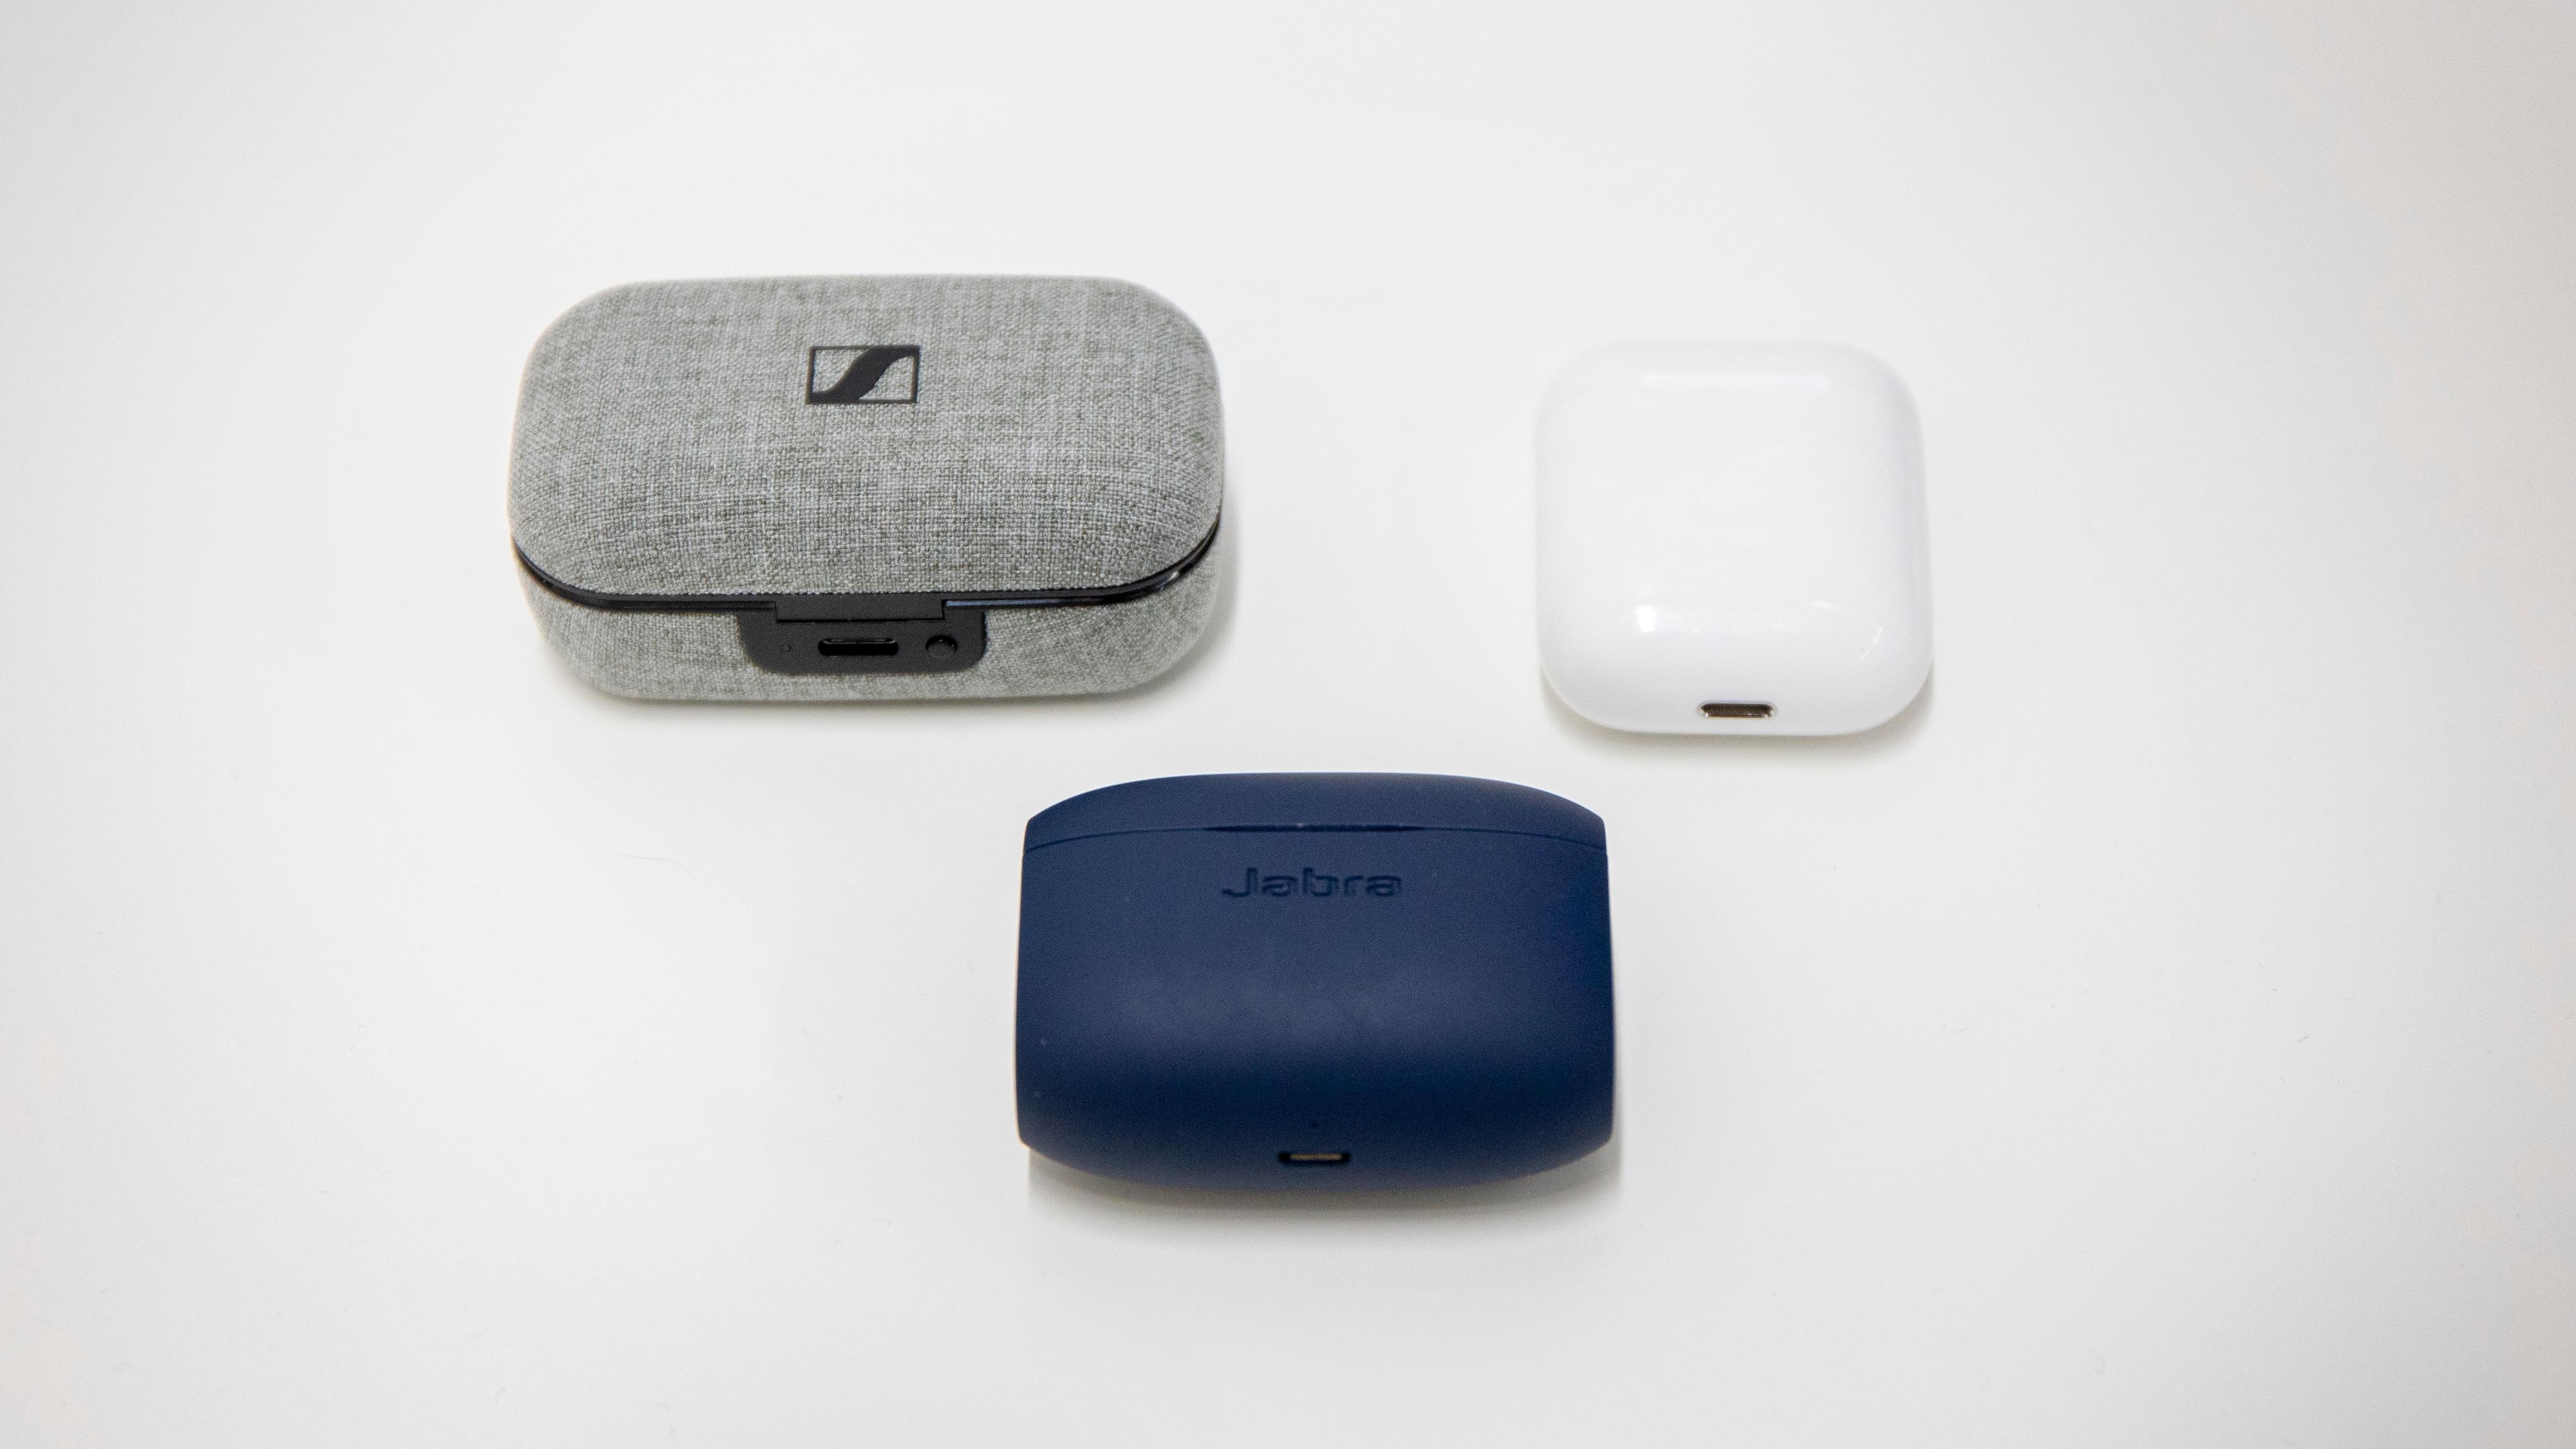 Sennheiser-etuiet er hakket større enn flere av konkurrentene, her Jabra (blått) og Apple.